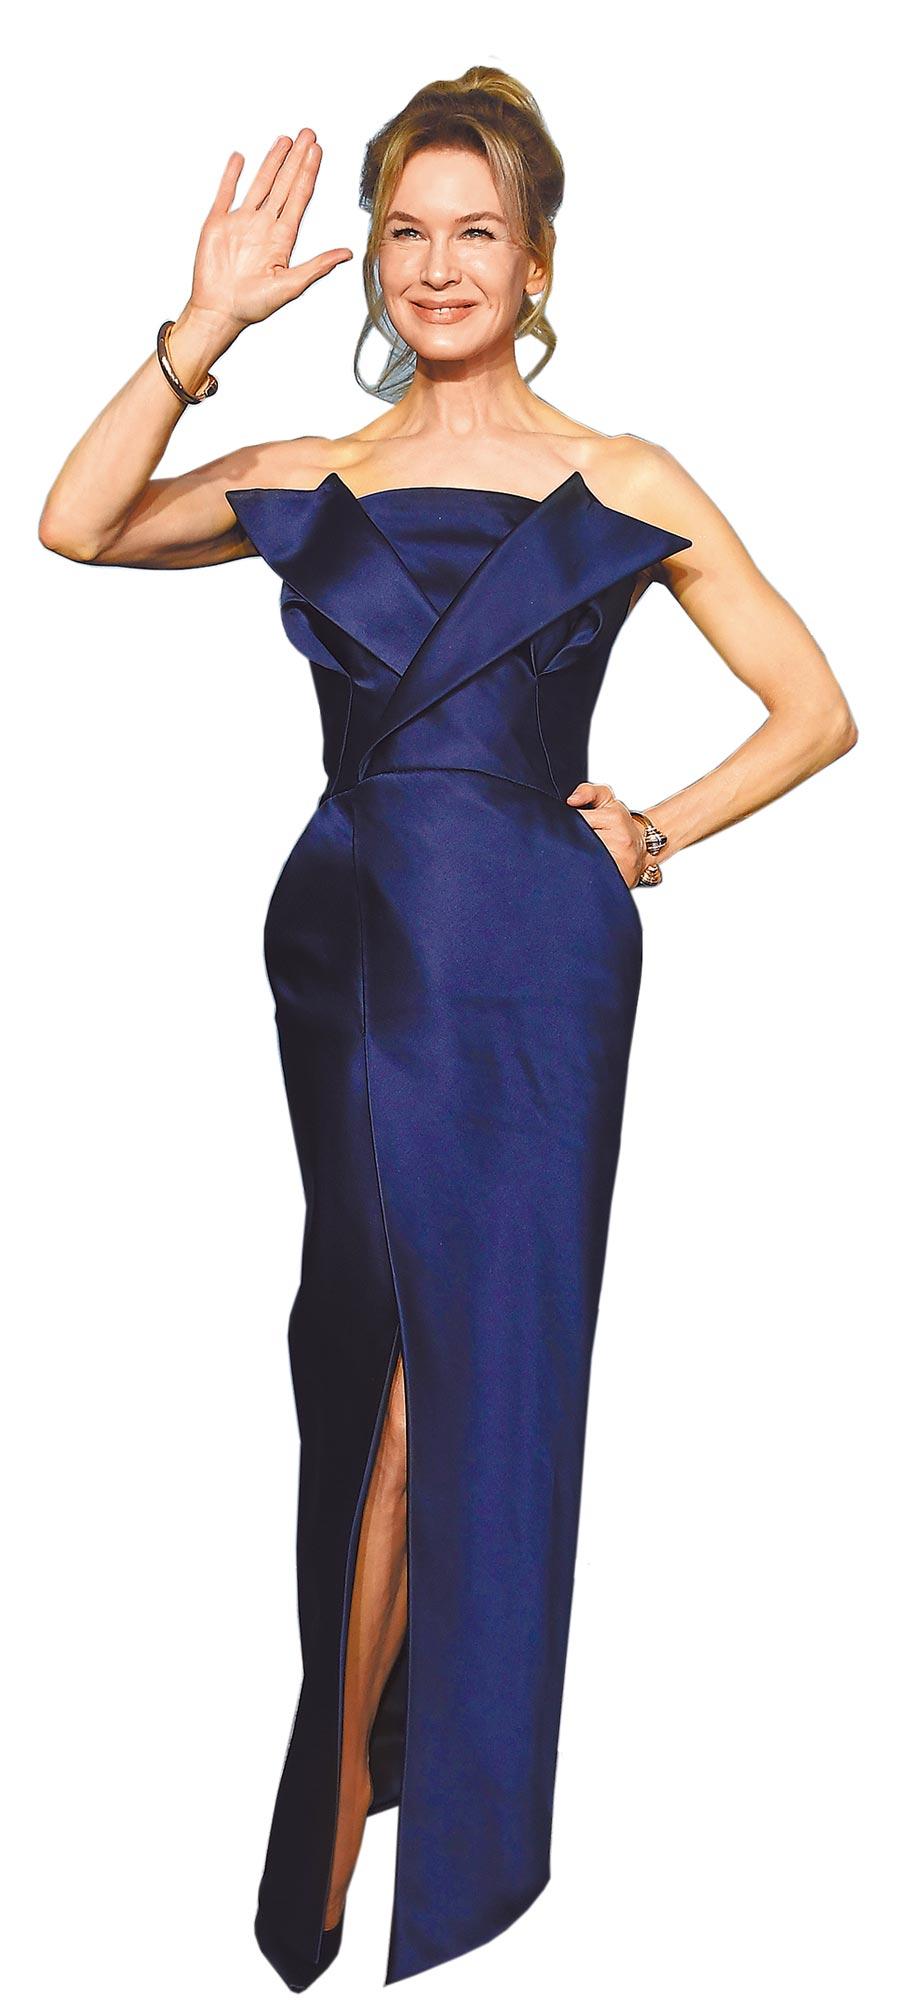 蕾妮齊薇格在演員工會獎上穿Maison Margiela深藍色高訂禮服,展現纖腰好身材。(CFP)